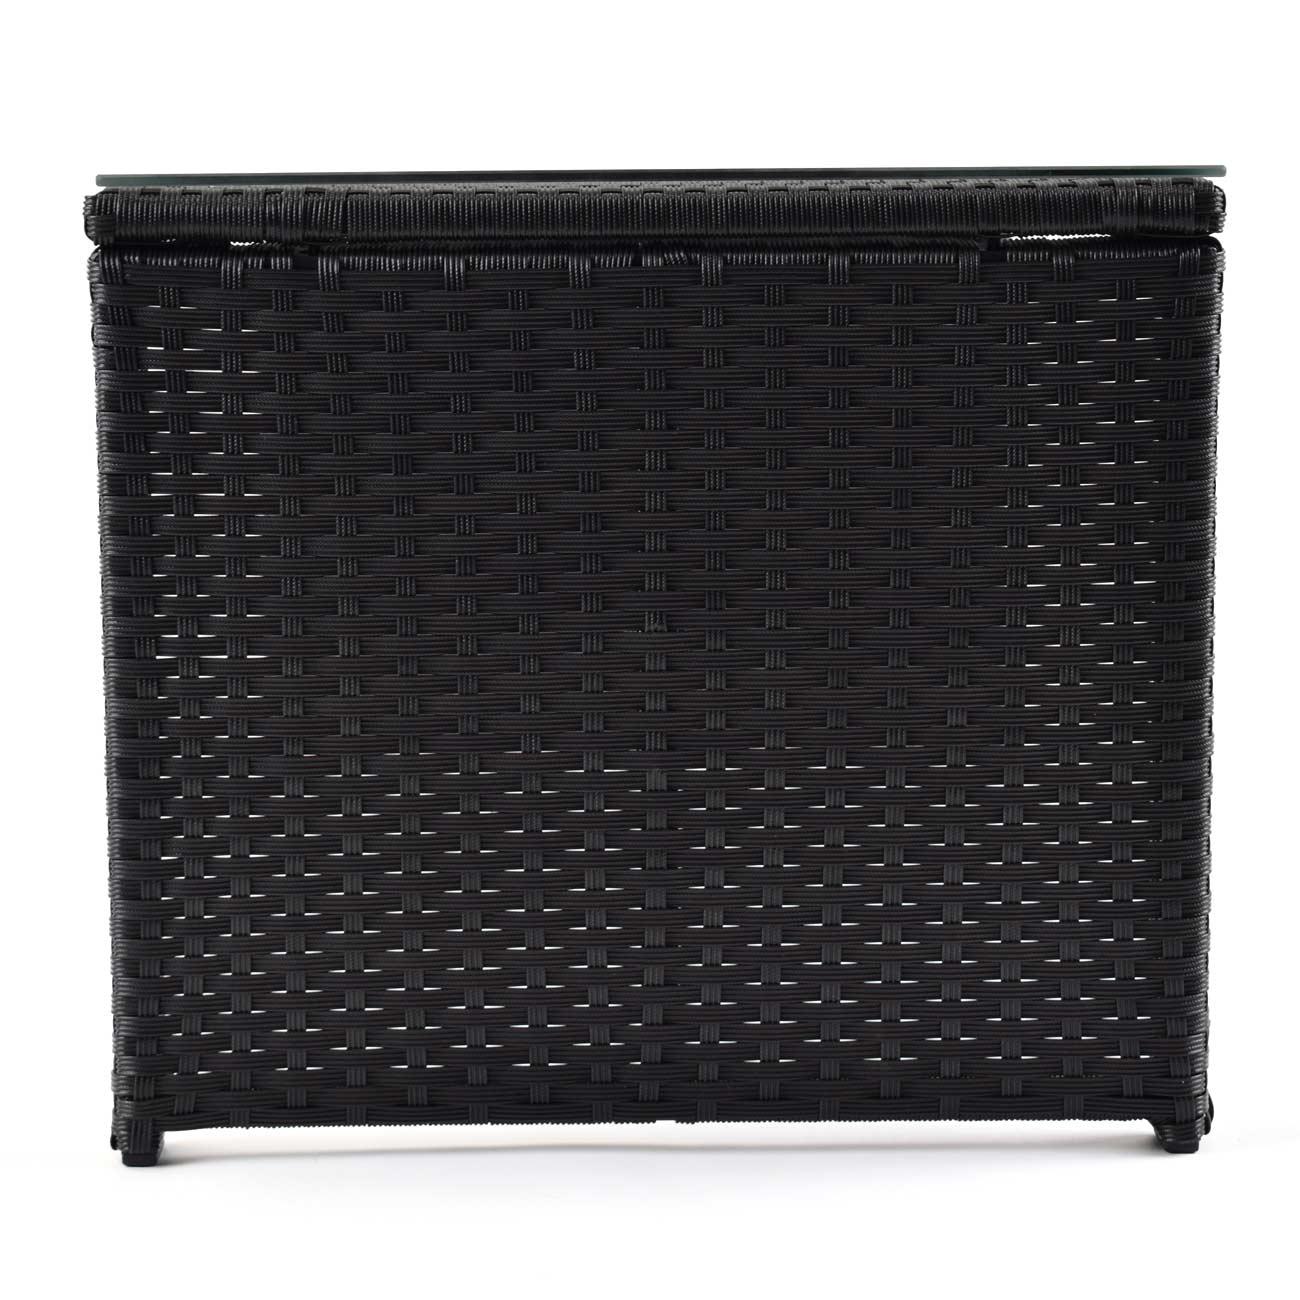 ma trading polyrattan tisch gartentisch mit glasplatte in schwarz haus garten garten rattanm bel. Black Bedroom Furniture Sets. Home Design Ideas